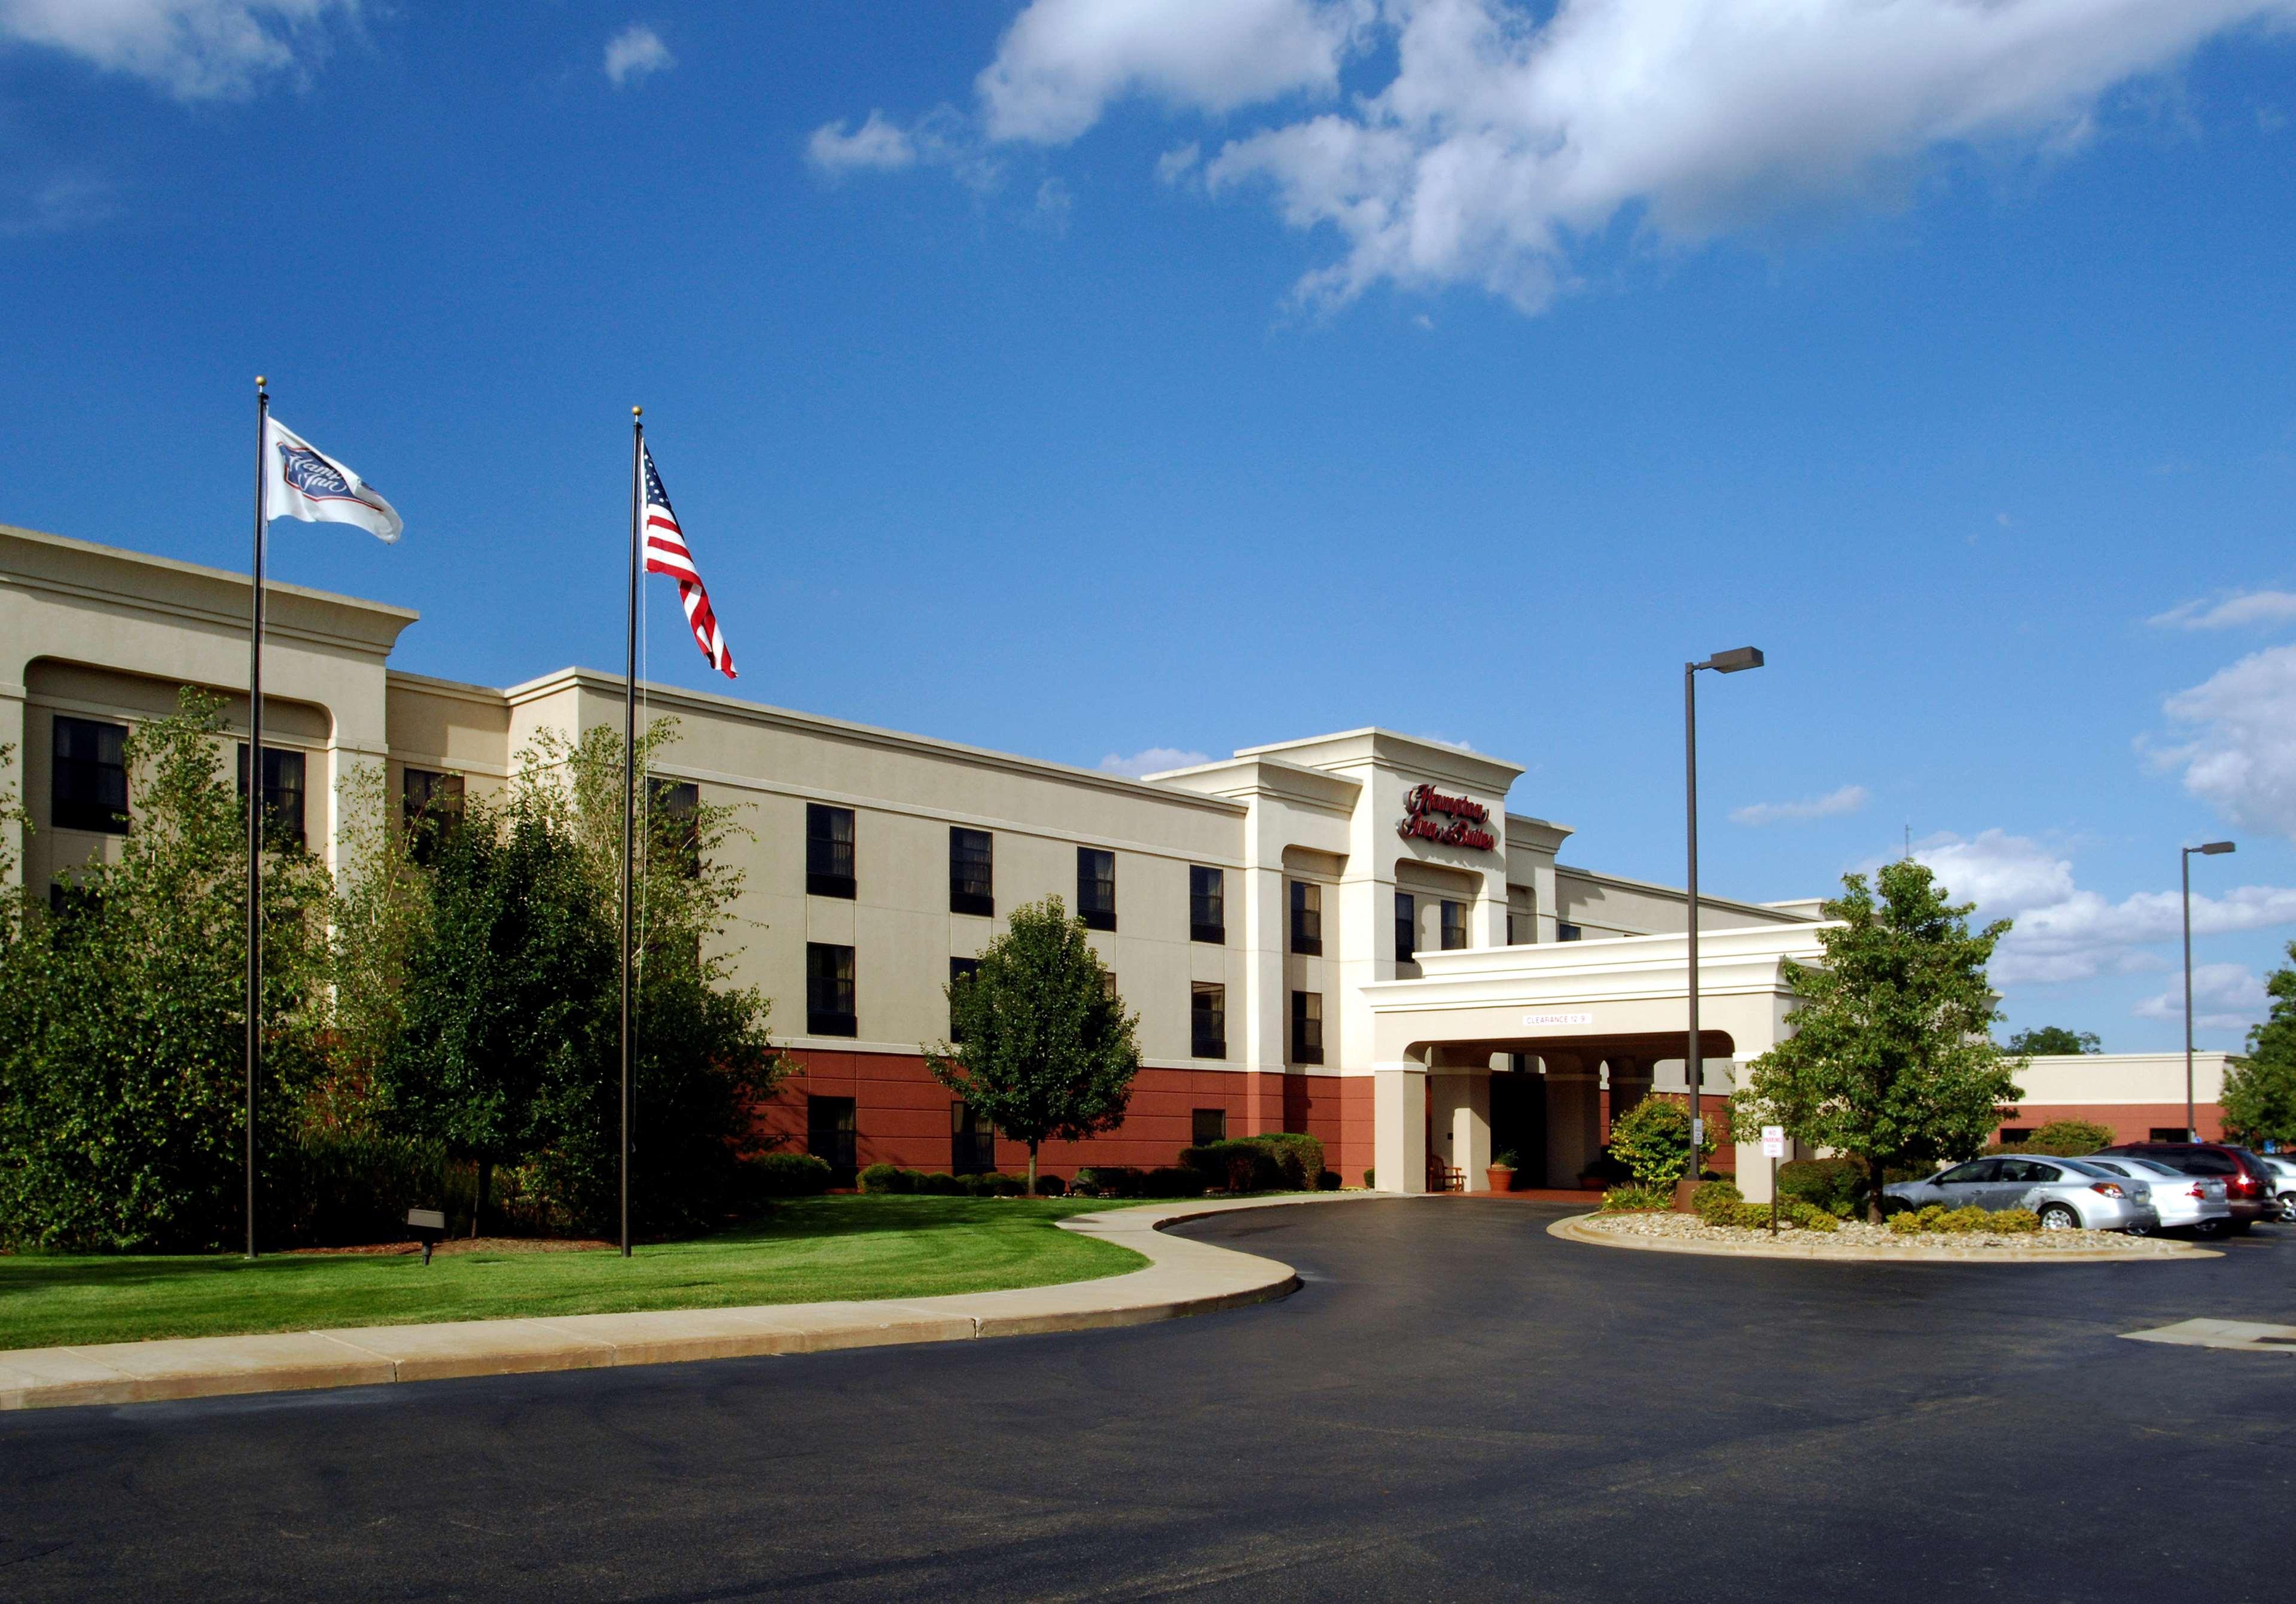 Hampton Inn & Suites Kalamazoo-Oshtemo, Kalamazoo